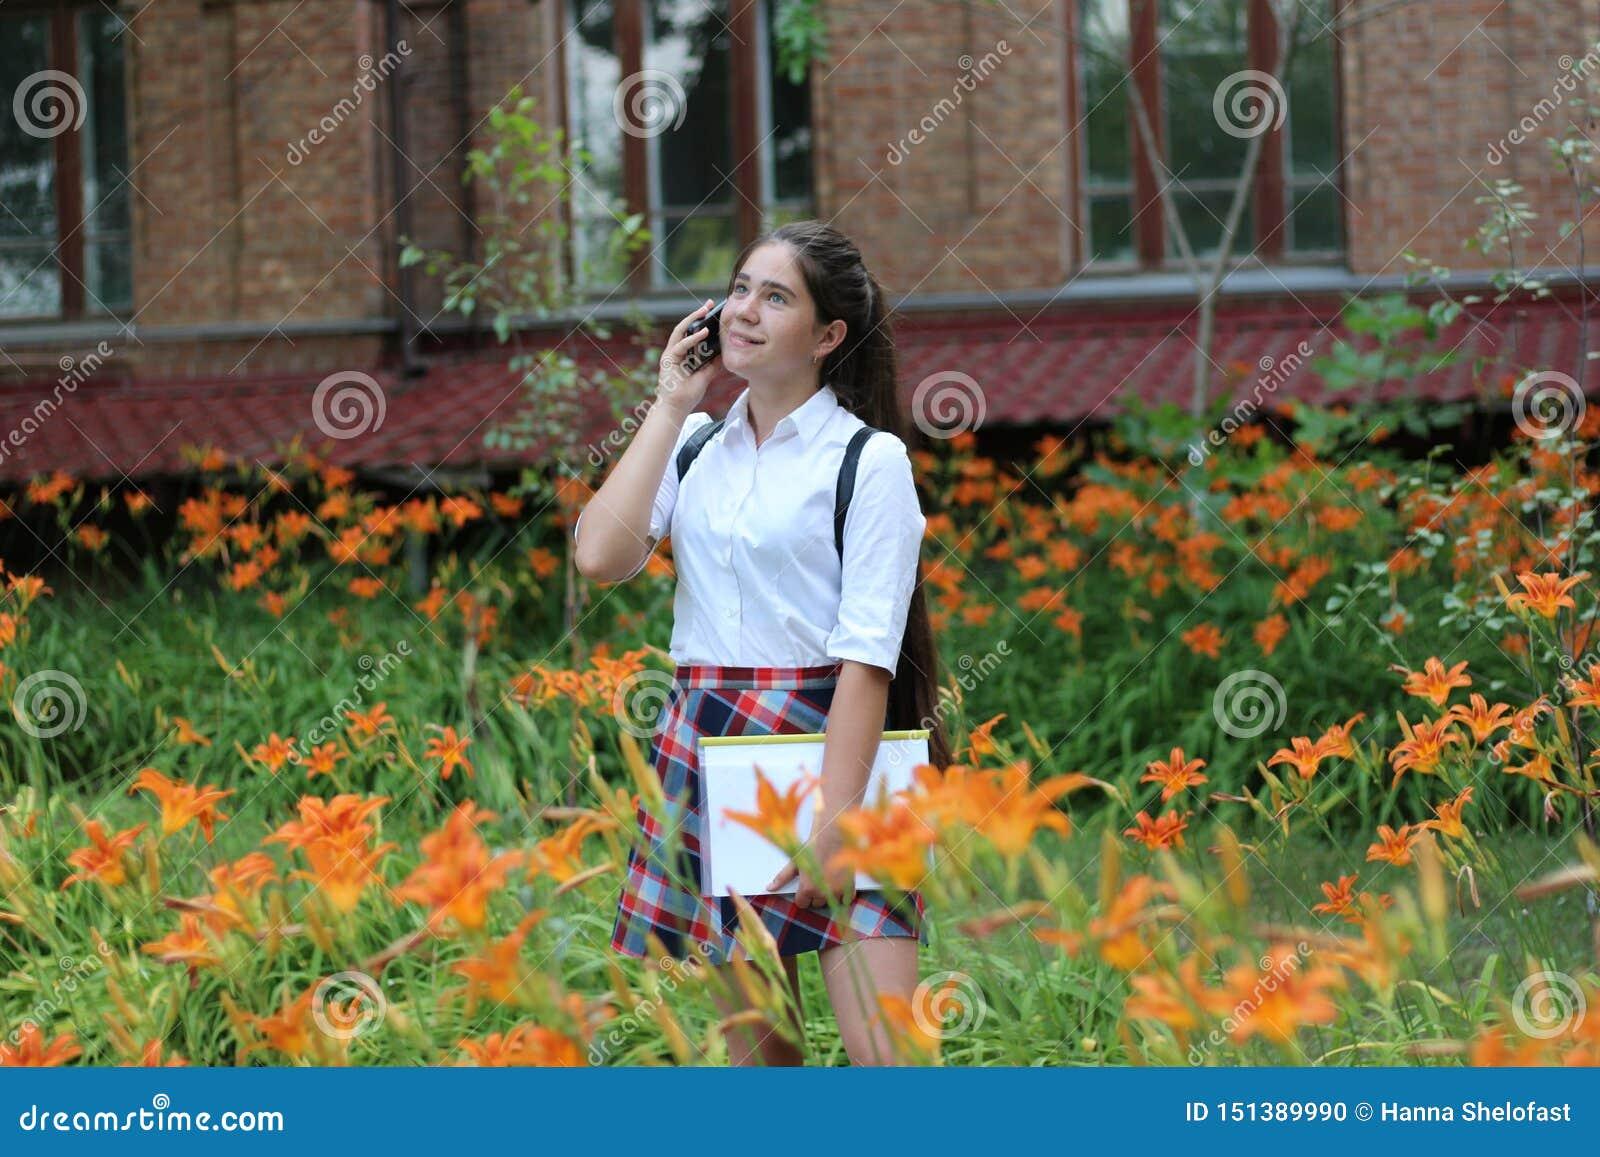 Ragazza della scolara con capelli lunghi in uniforme scolastico che parla sul telefono